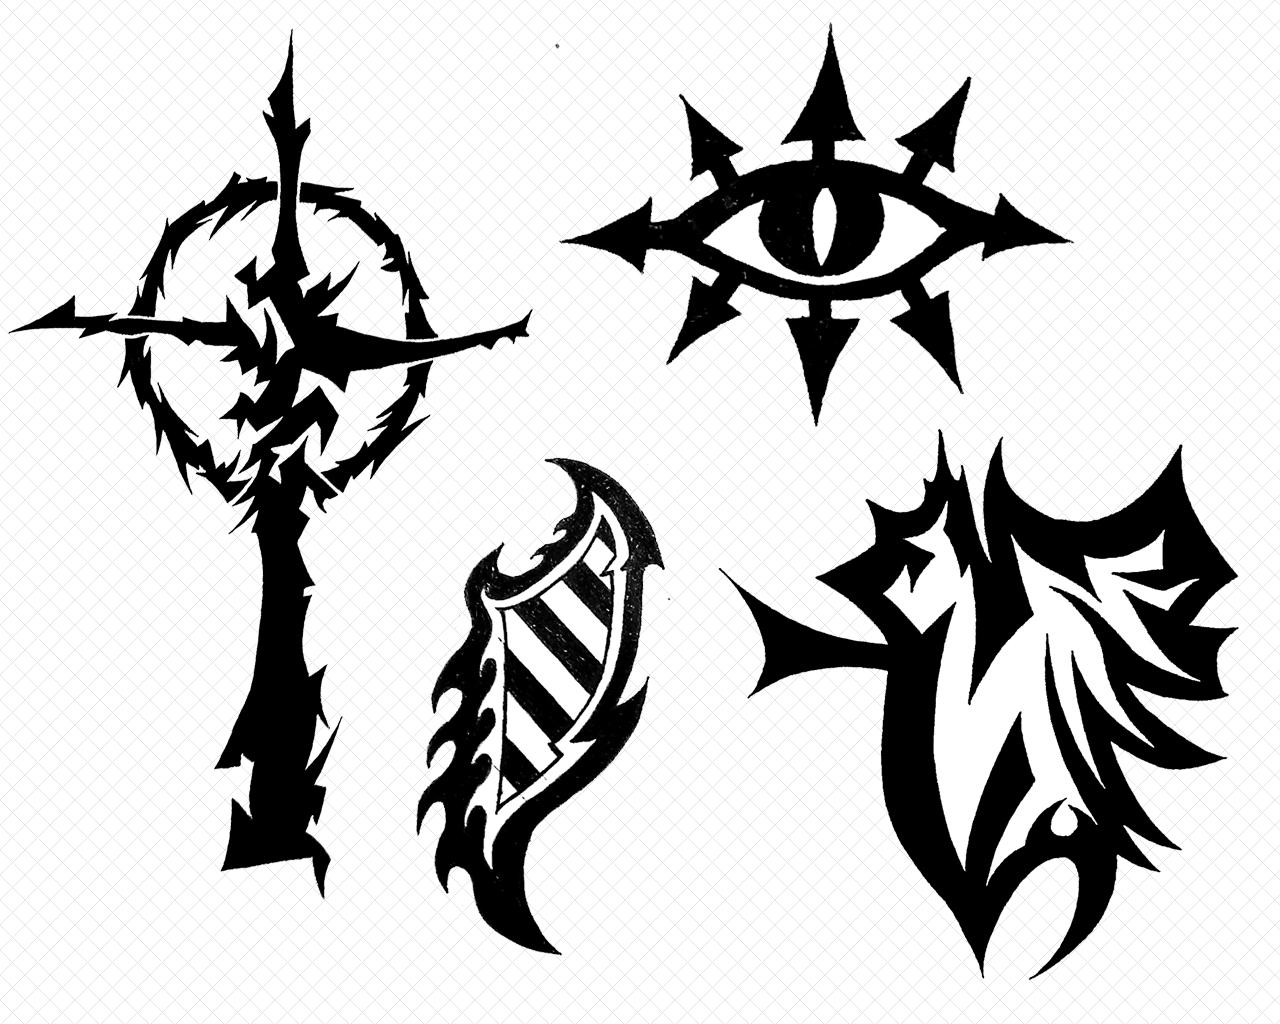 Tattoos V - Symbols by Eel-Ecurb on DeviantArt